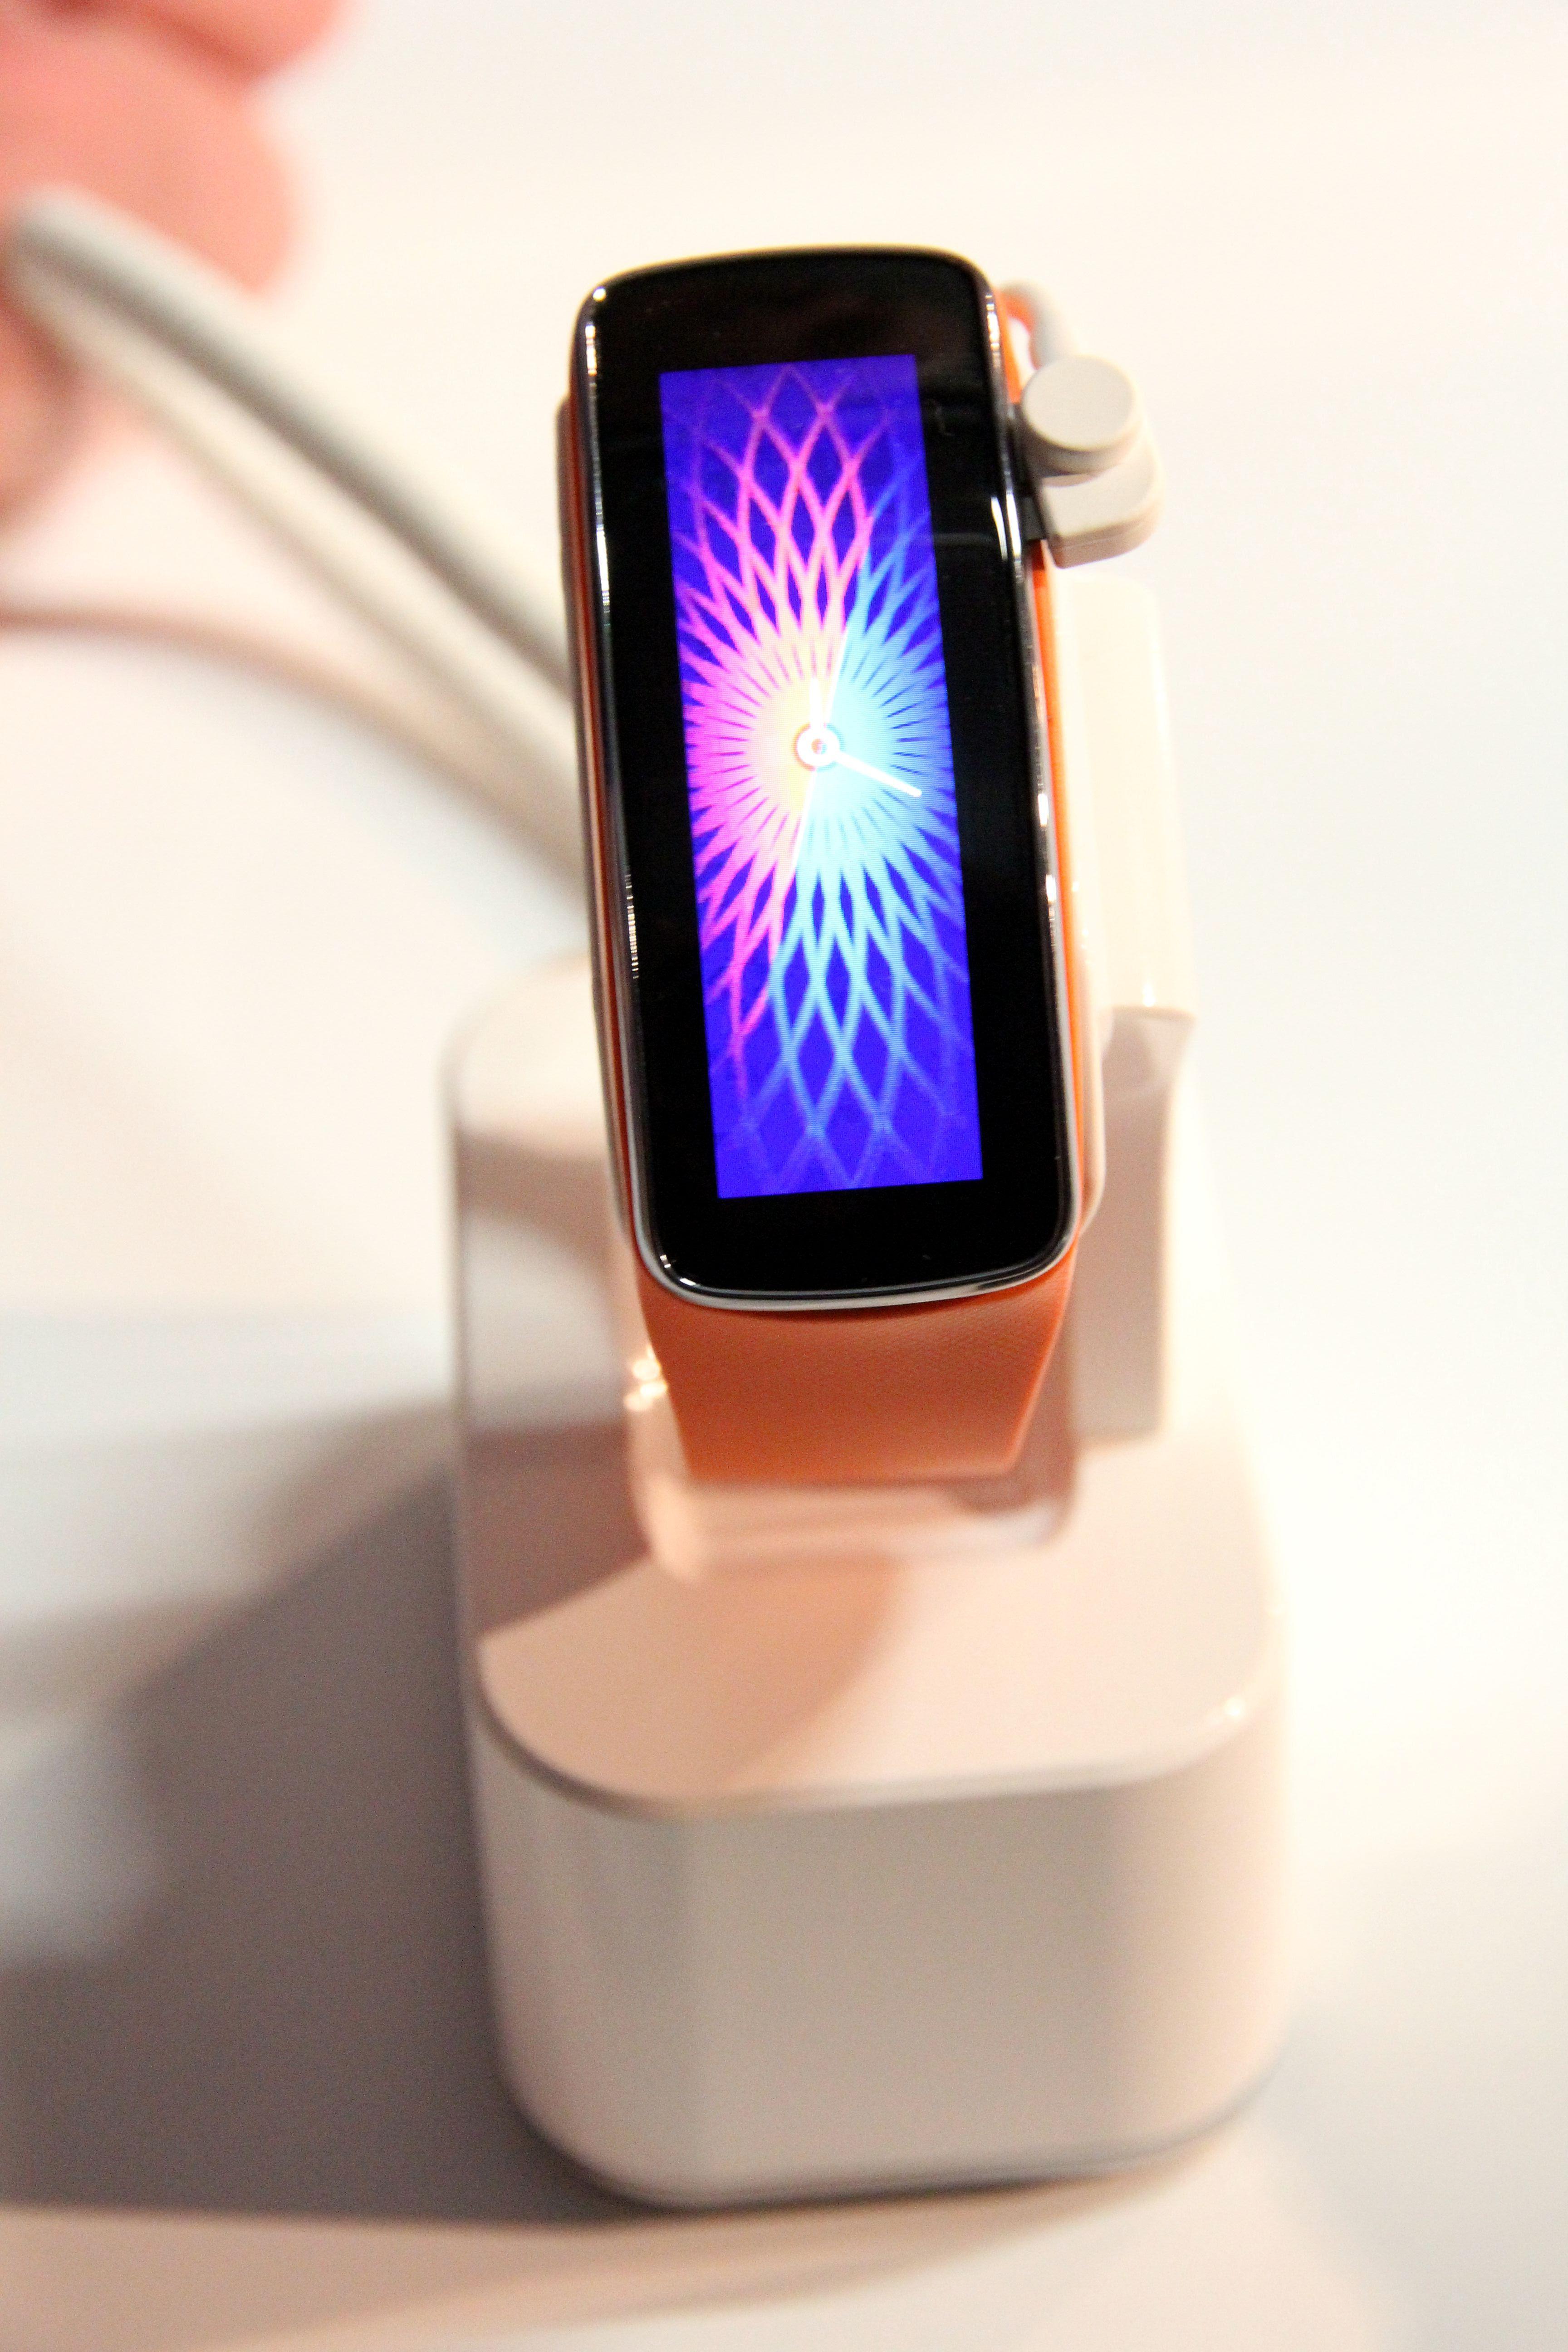 El nuevo #GearFit presentado ayer junto al Samsung #GalaxyS5 #MWCBCN #MWC14